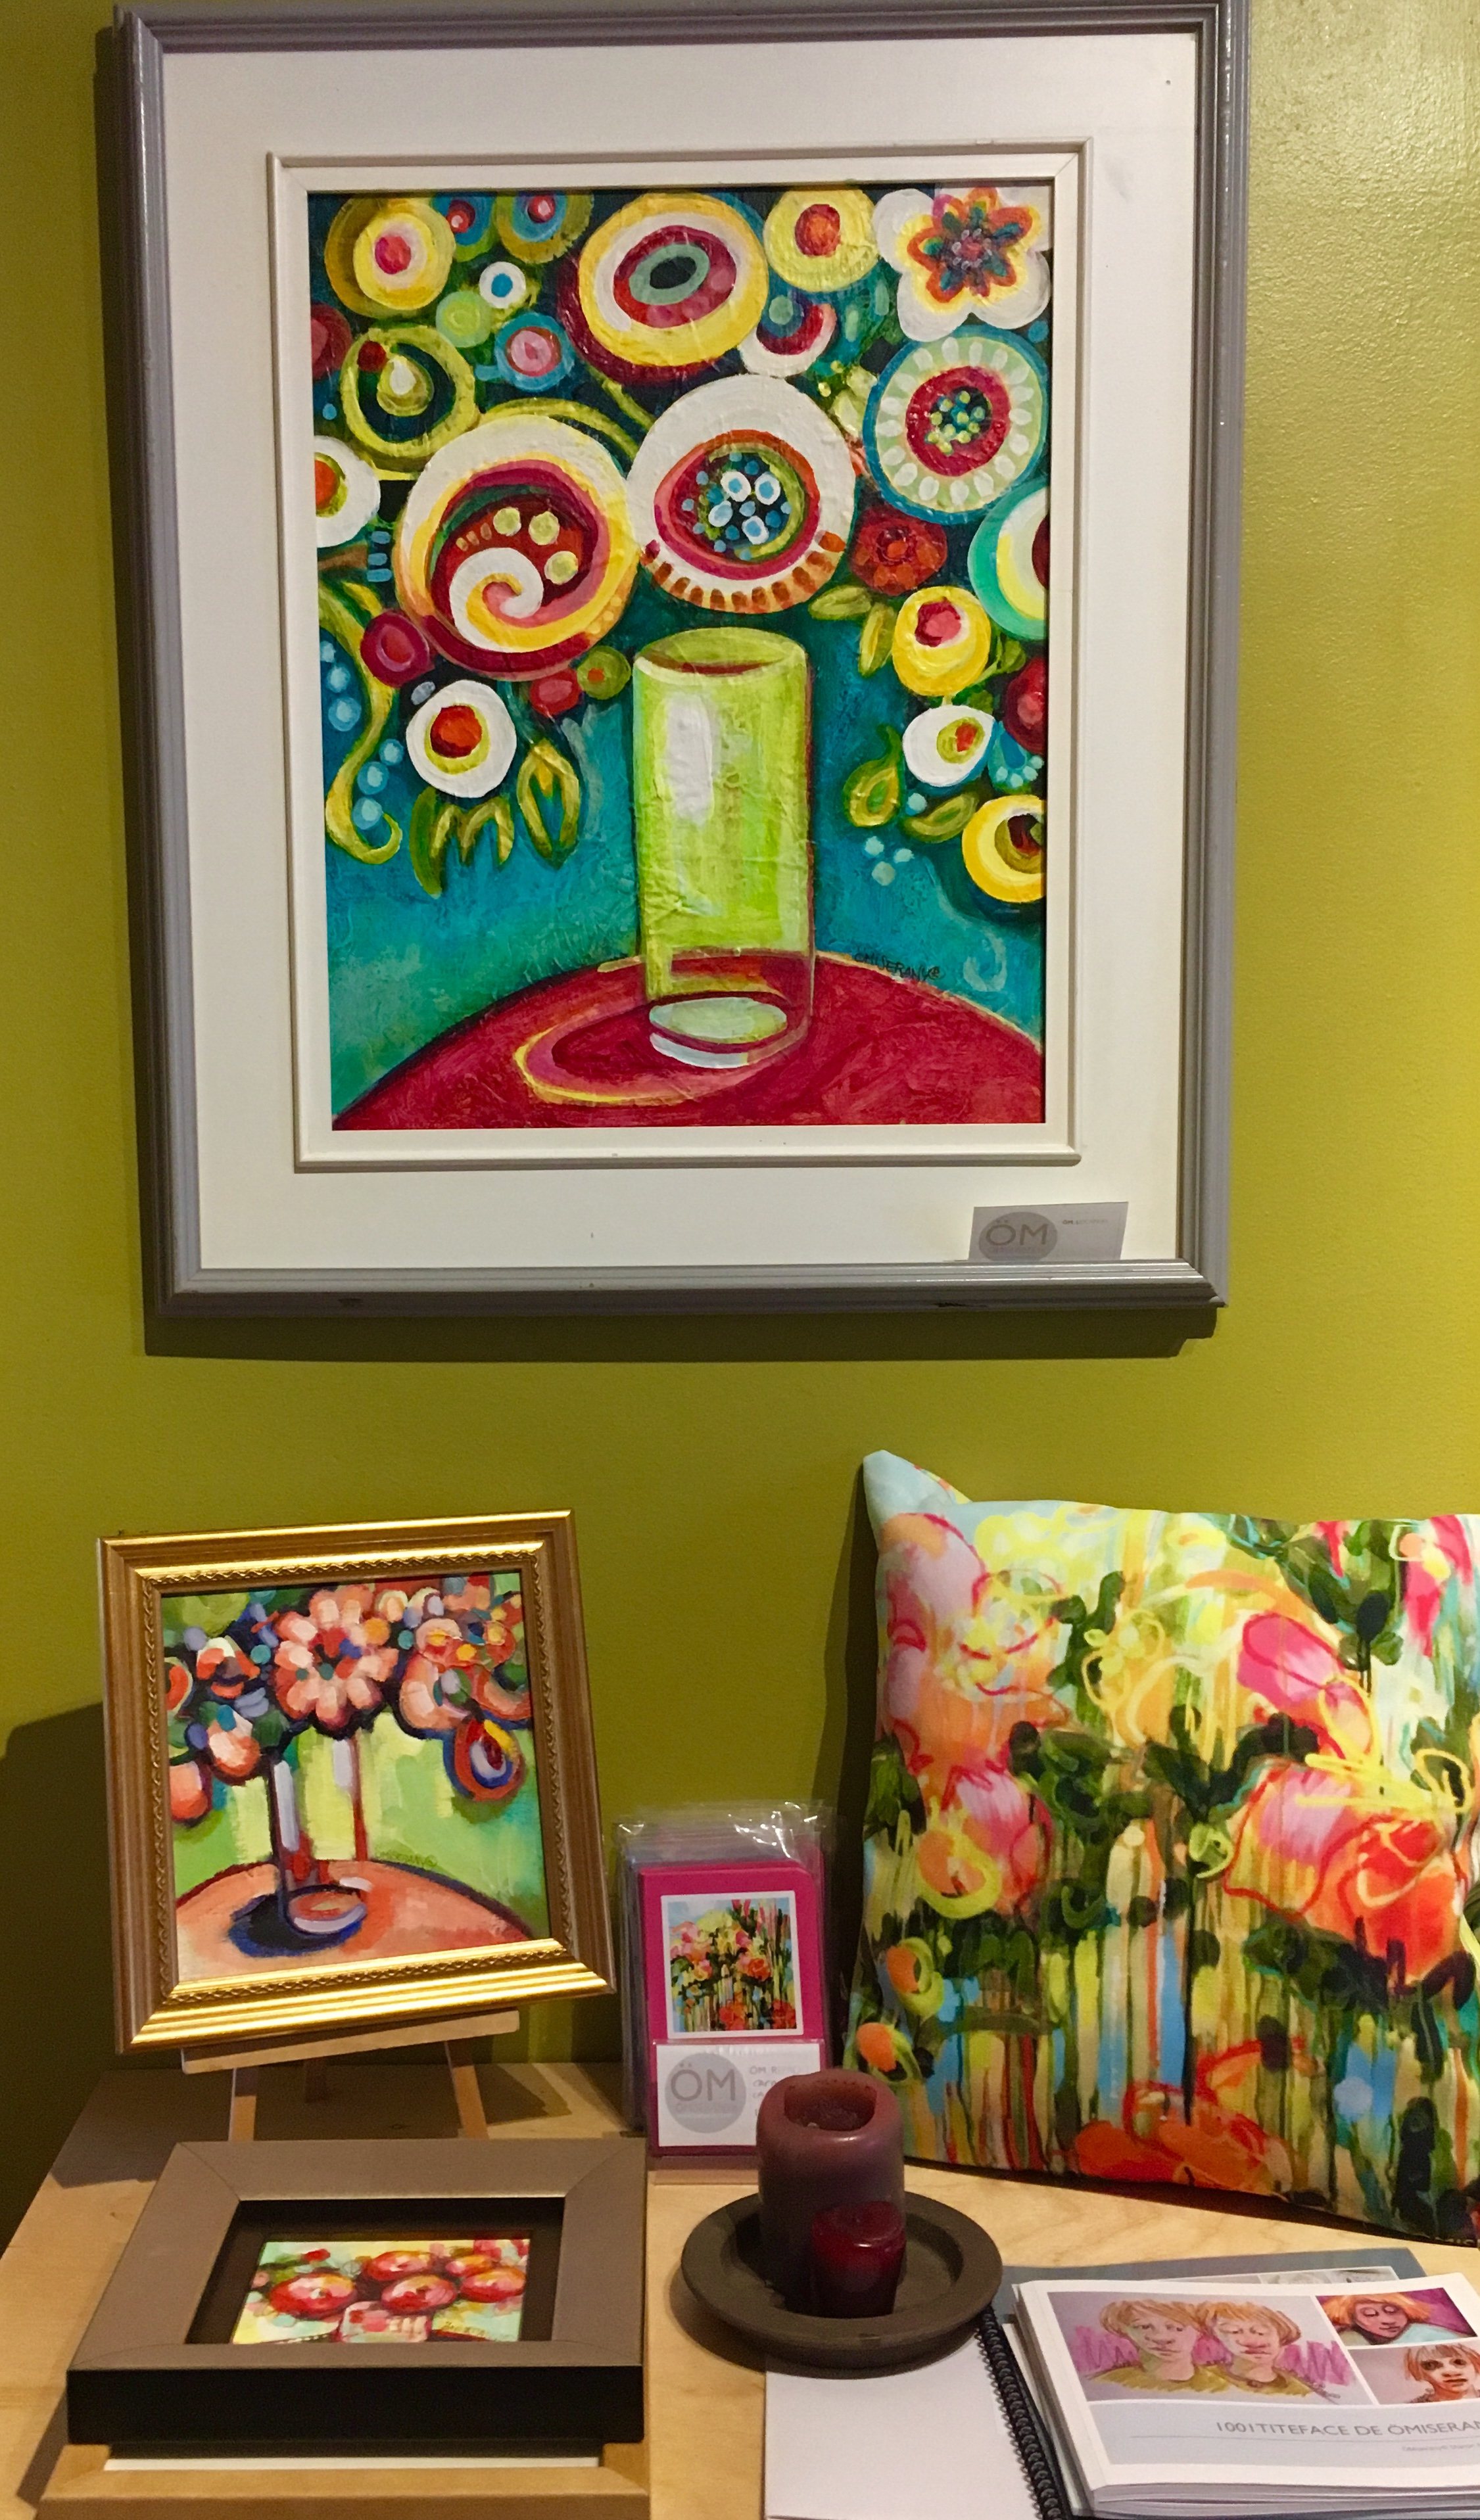 ÖM_GALLERY présentoirs de toile unique et de produits ÖMISERANY -3 de couleurs turquoise et rose